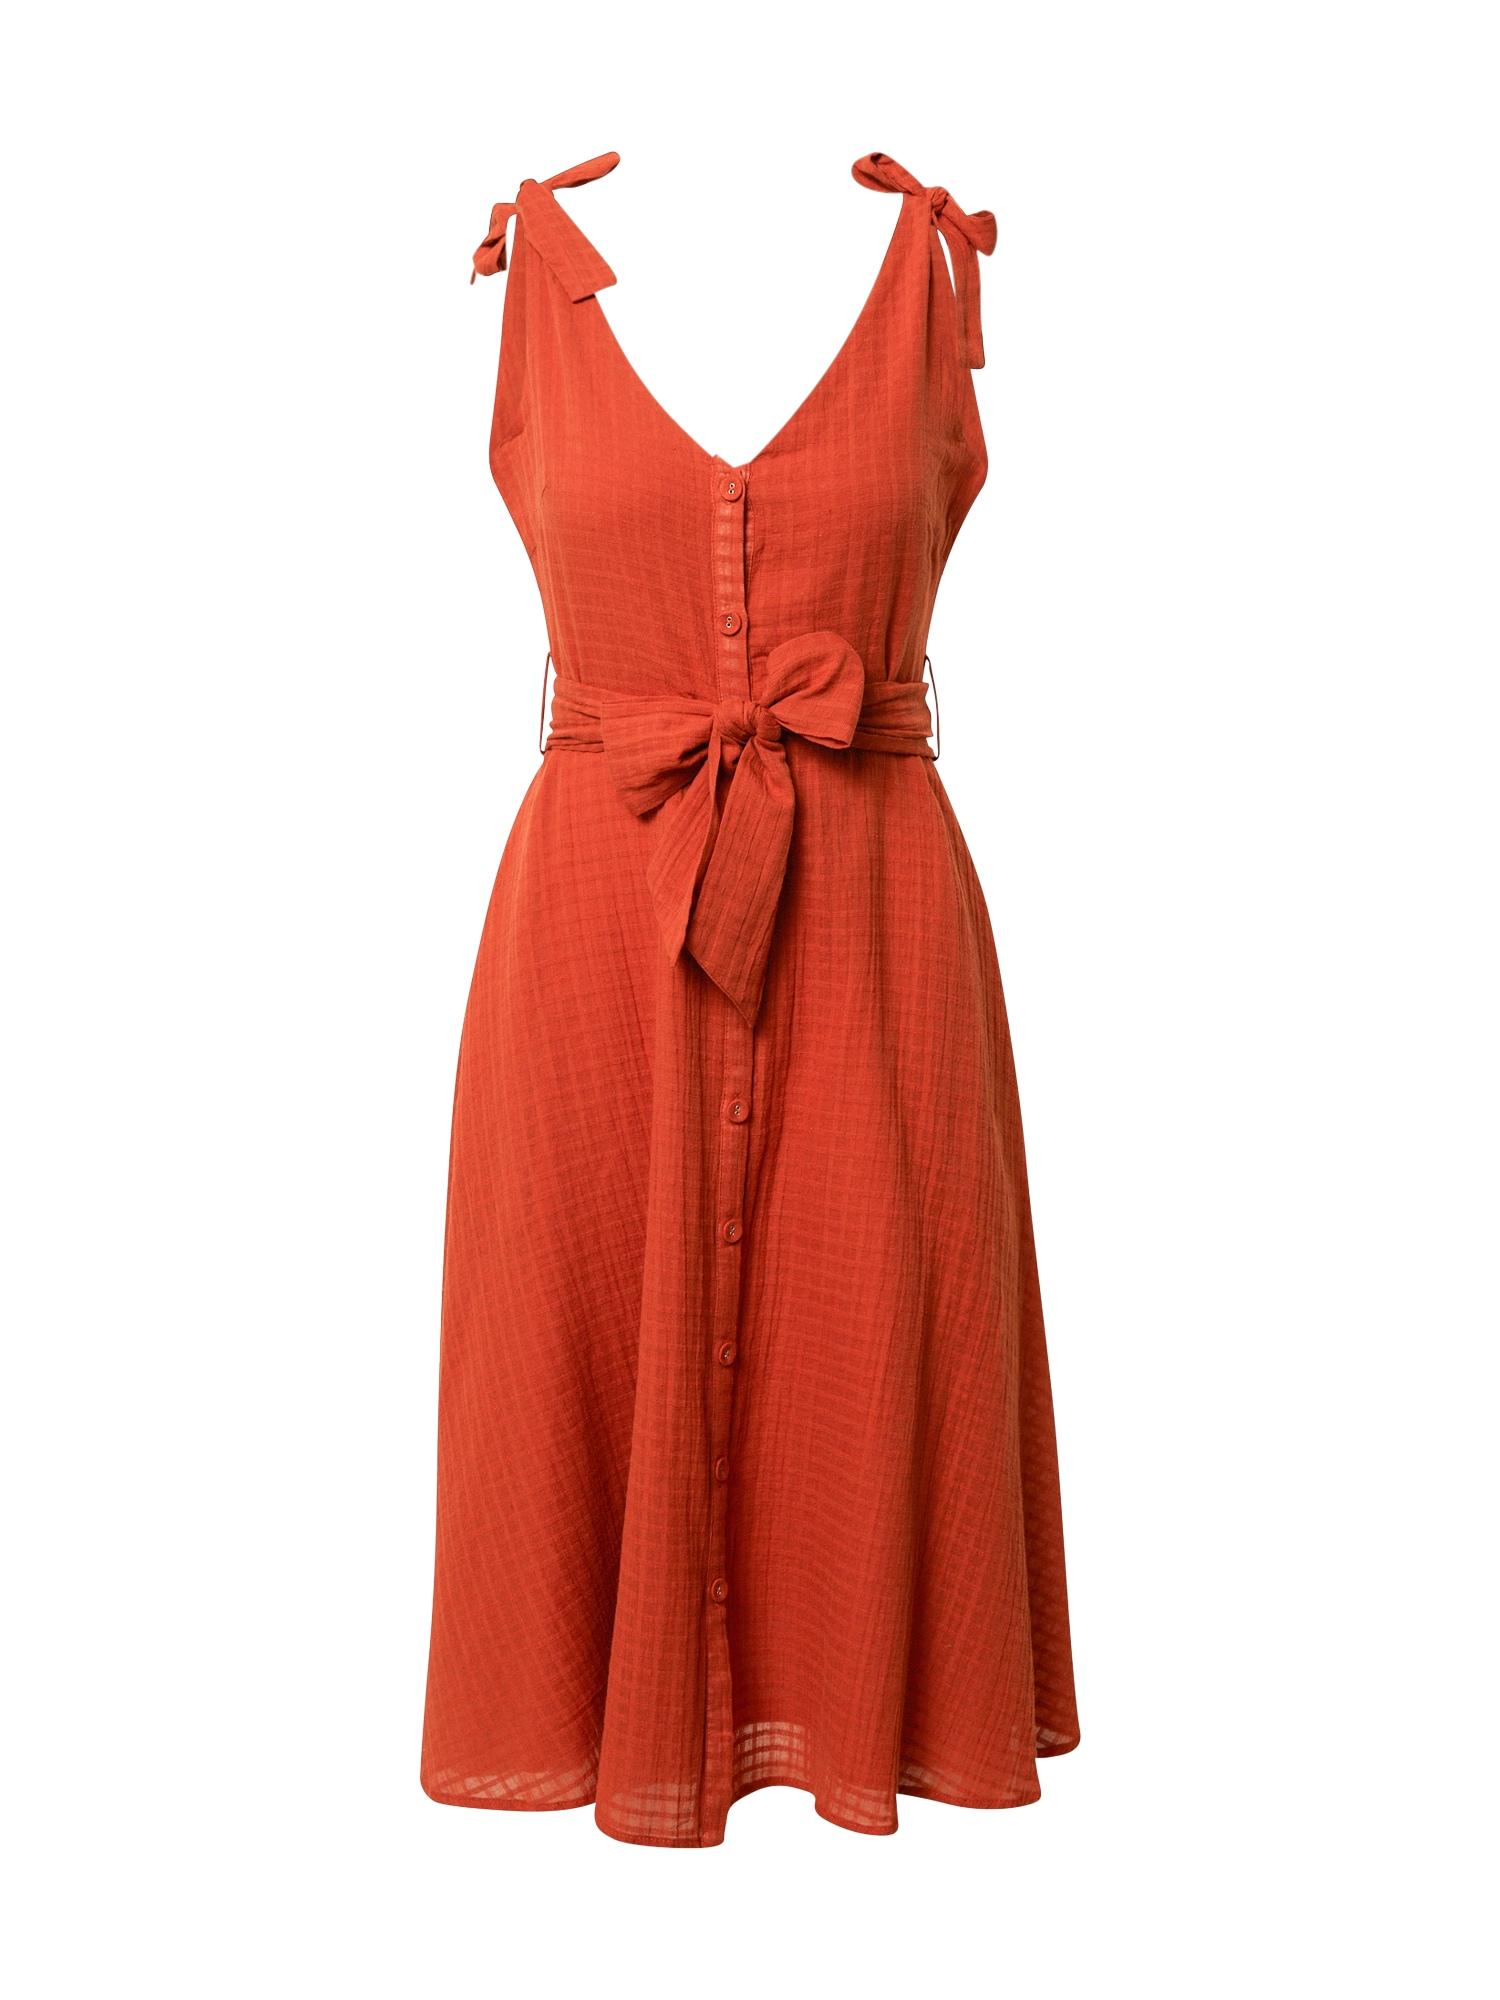 FRNCH PARIS Suknelė oranžinė-raudona